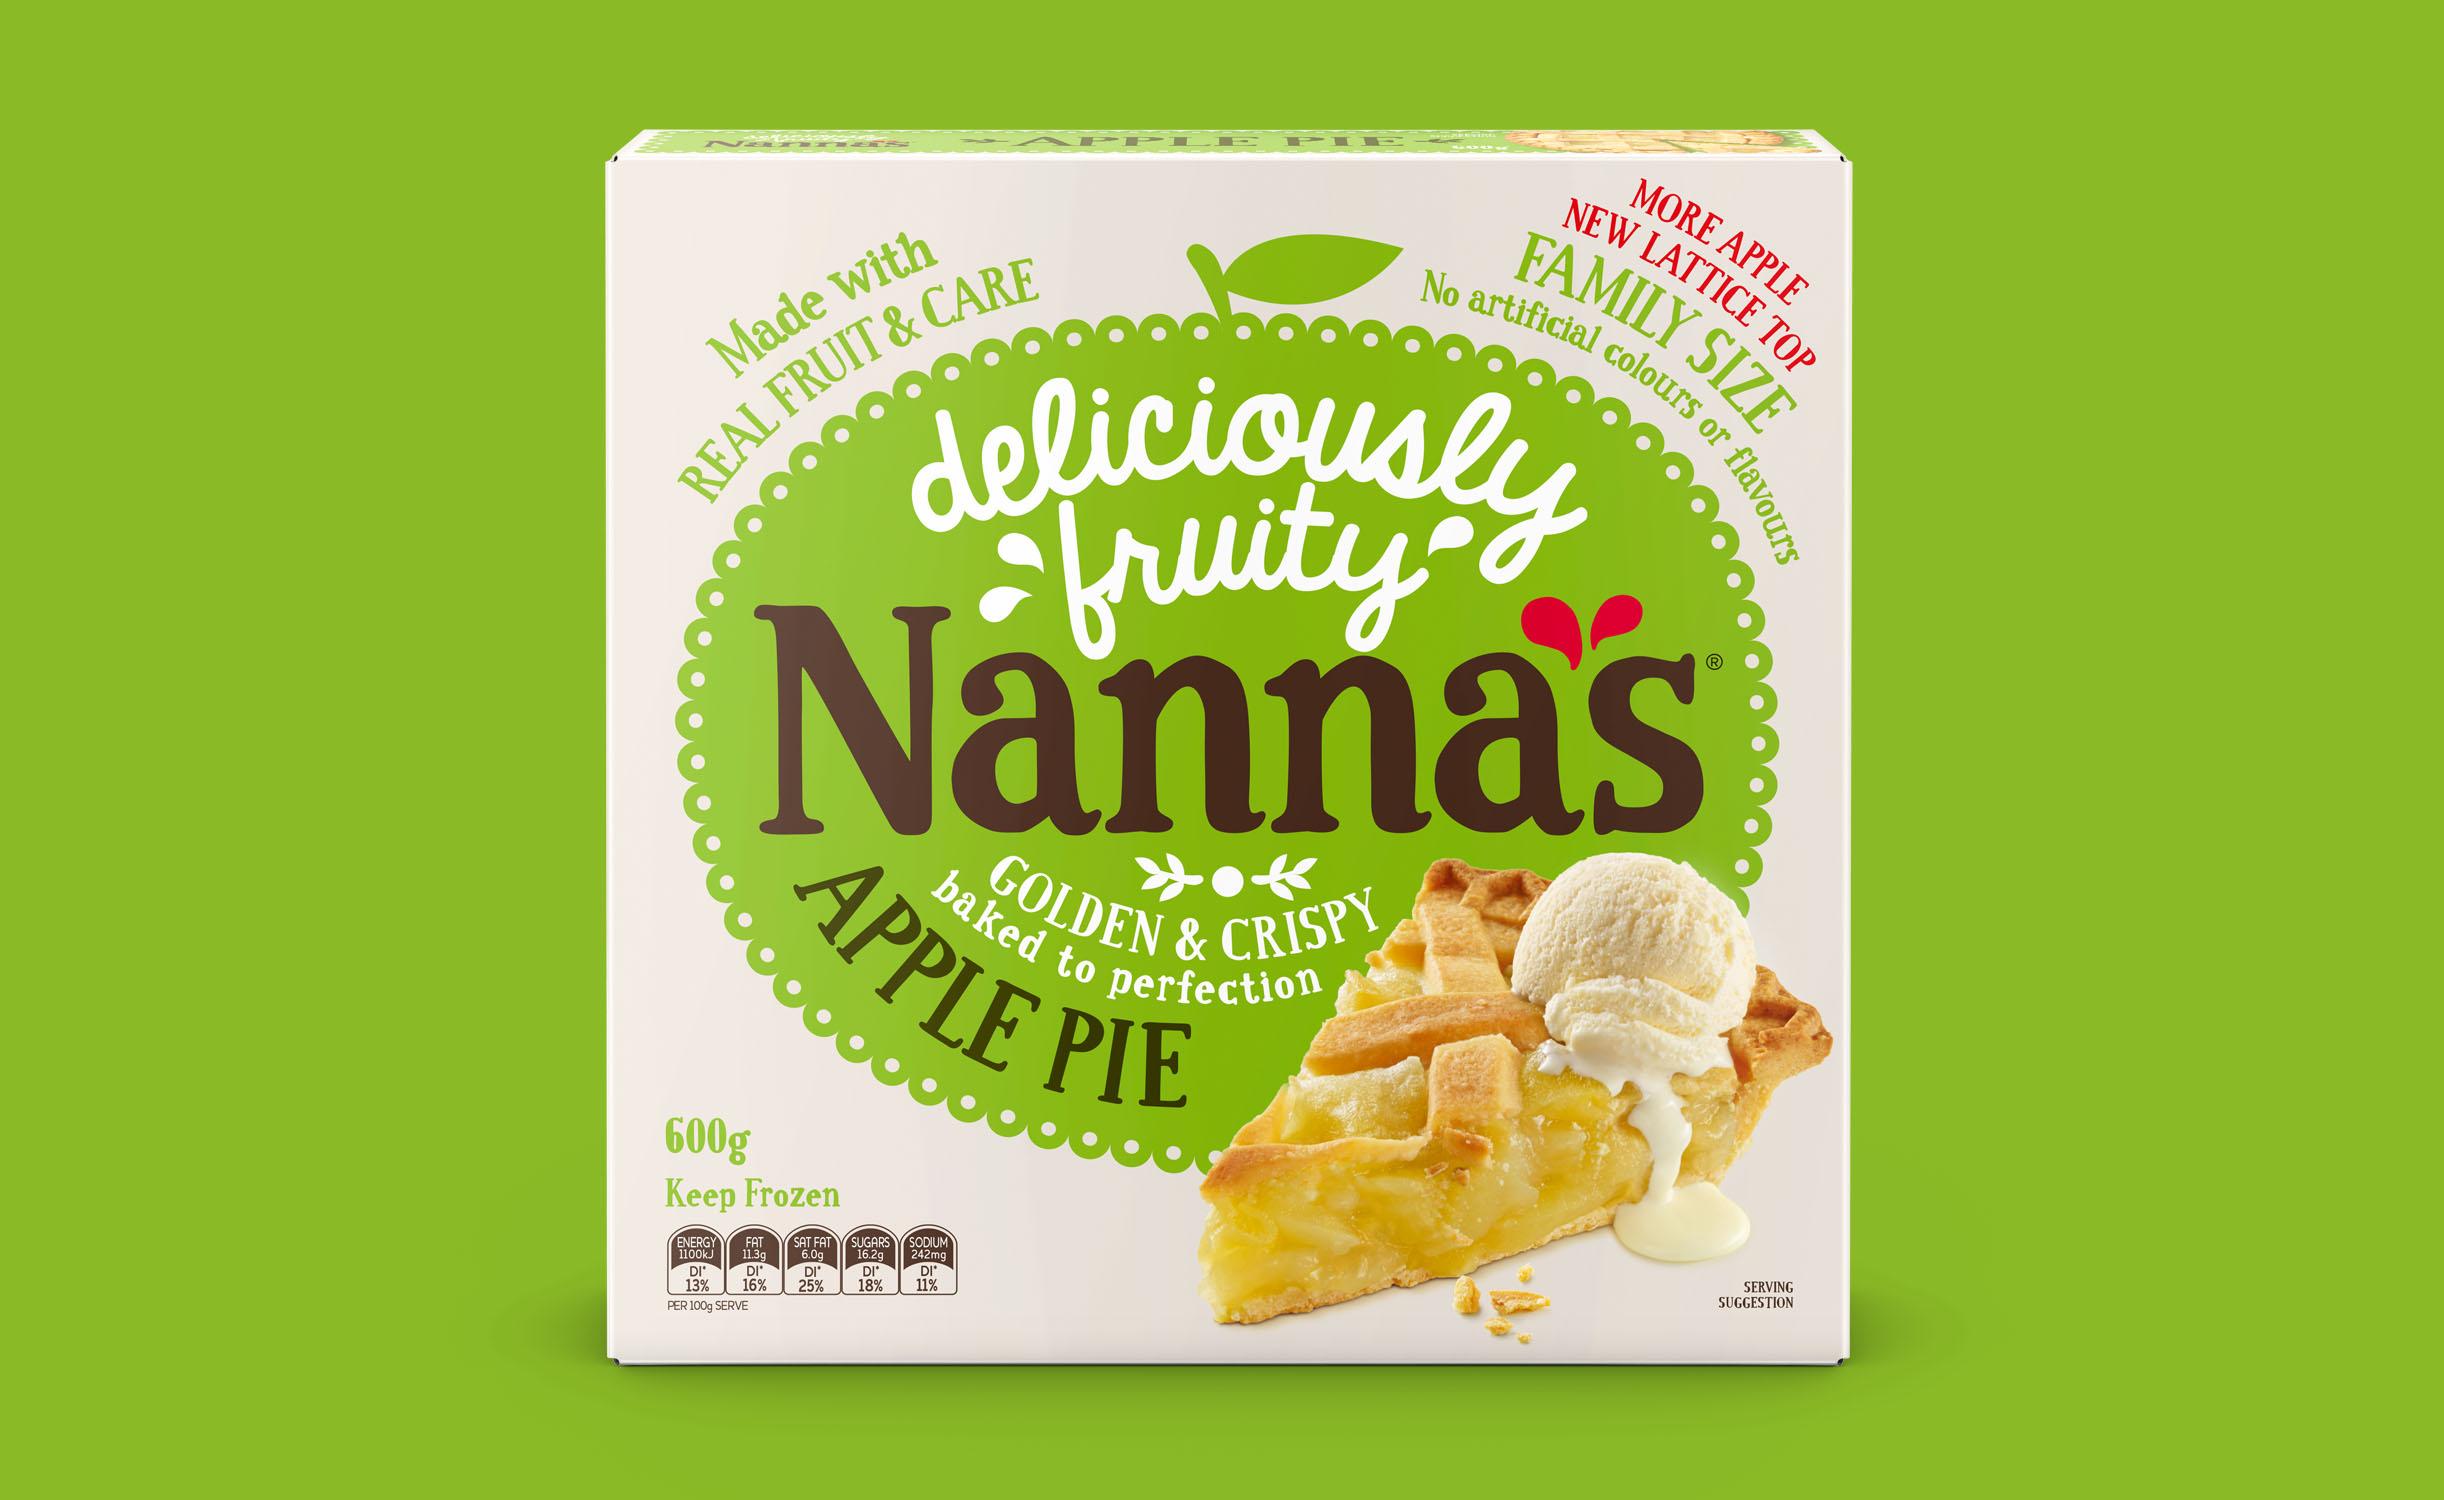 Nannas_Header.jpg